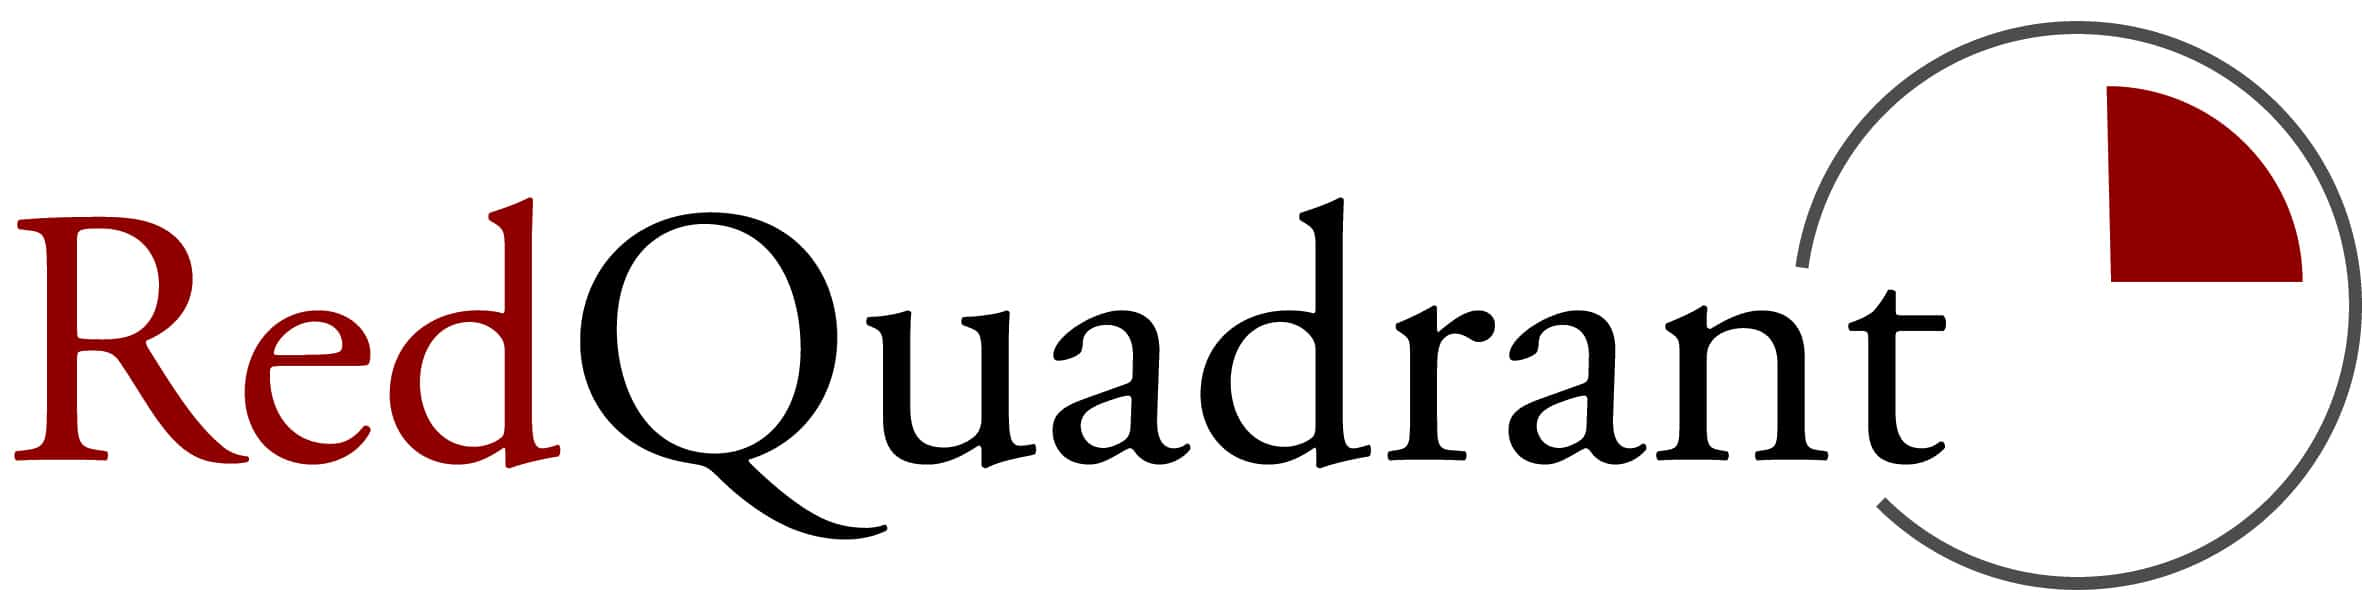 RedQuadrant.jpeg